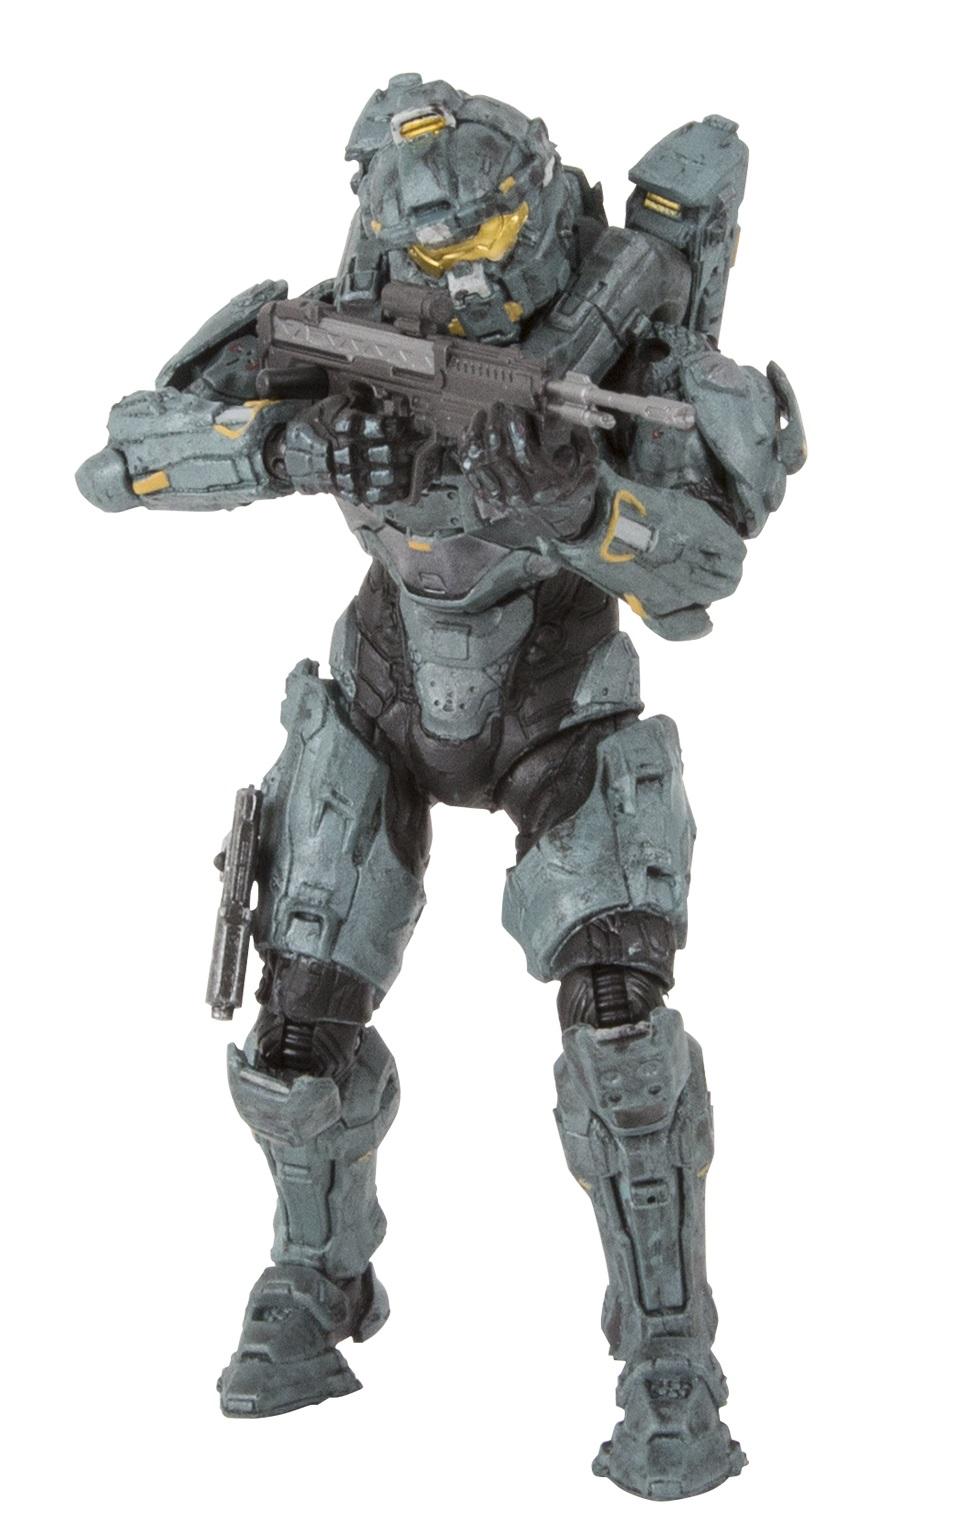 Фигурка Halo 5. Spartan Fred (15 см)Представляем вашему вниманию фигурку Halo 5. Spartan Fred, воплощающую собой одного из элитных спартанцев из Команды Осирис и Синей Команды, хорошо известных всем поклонникам игры Halo 5: Guardians.<br>